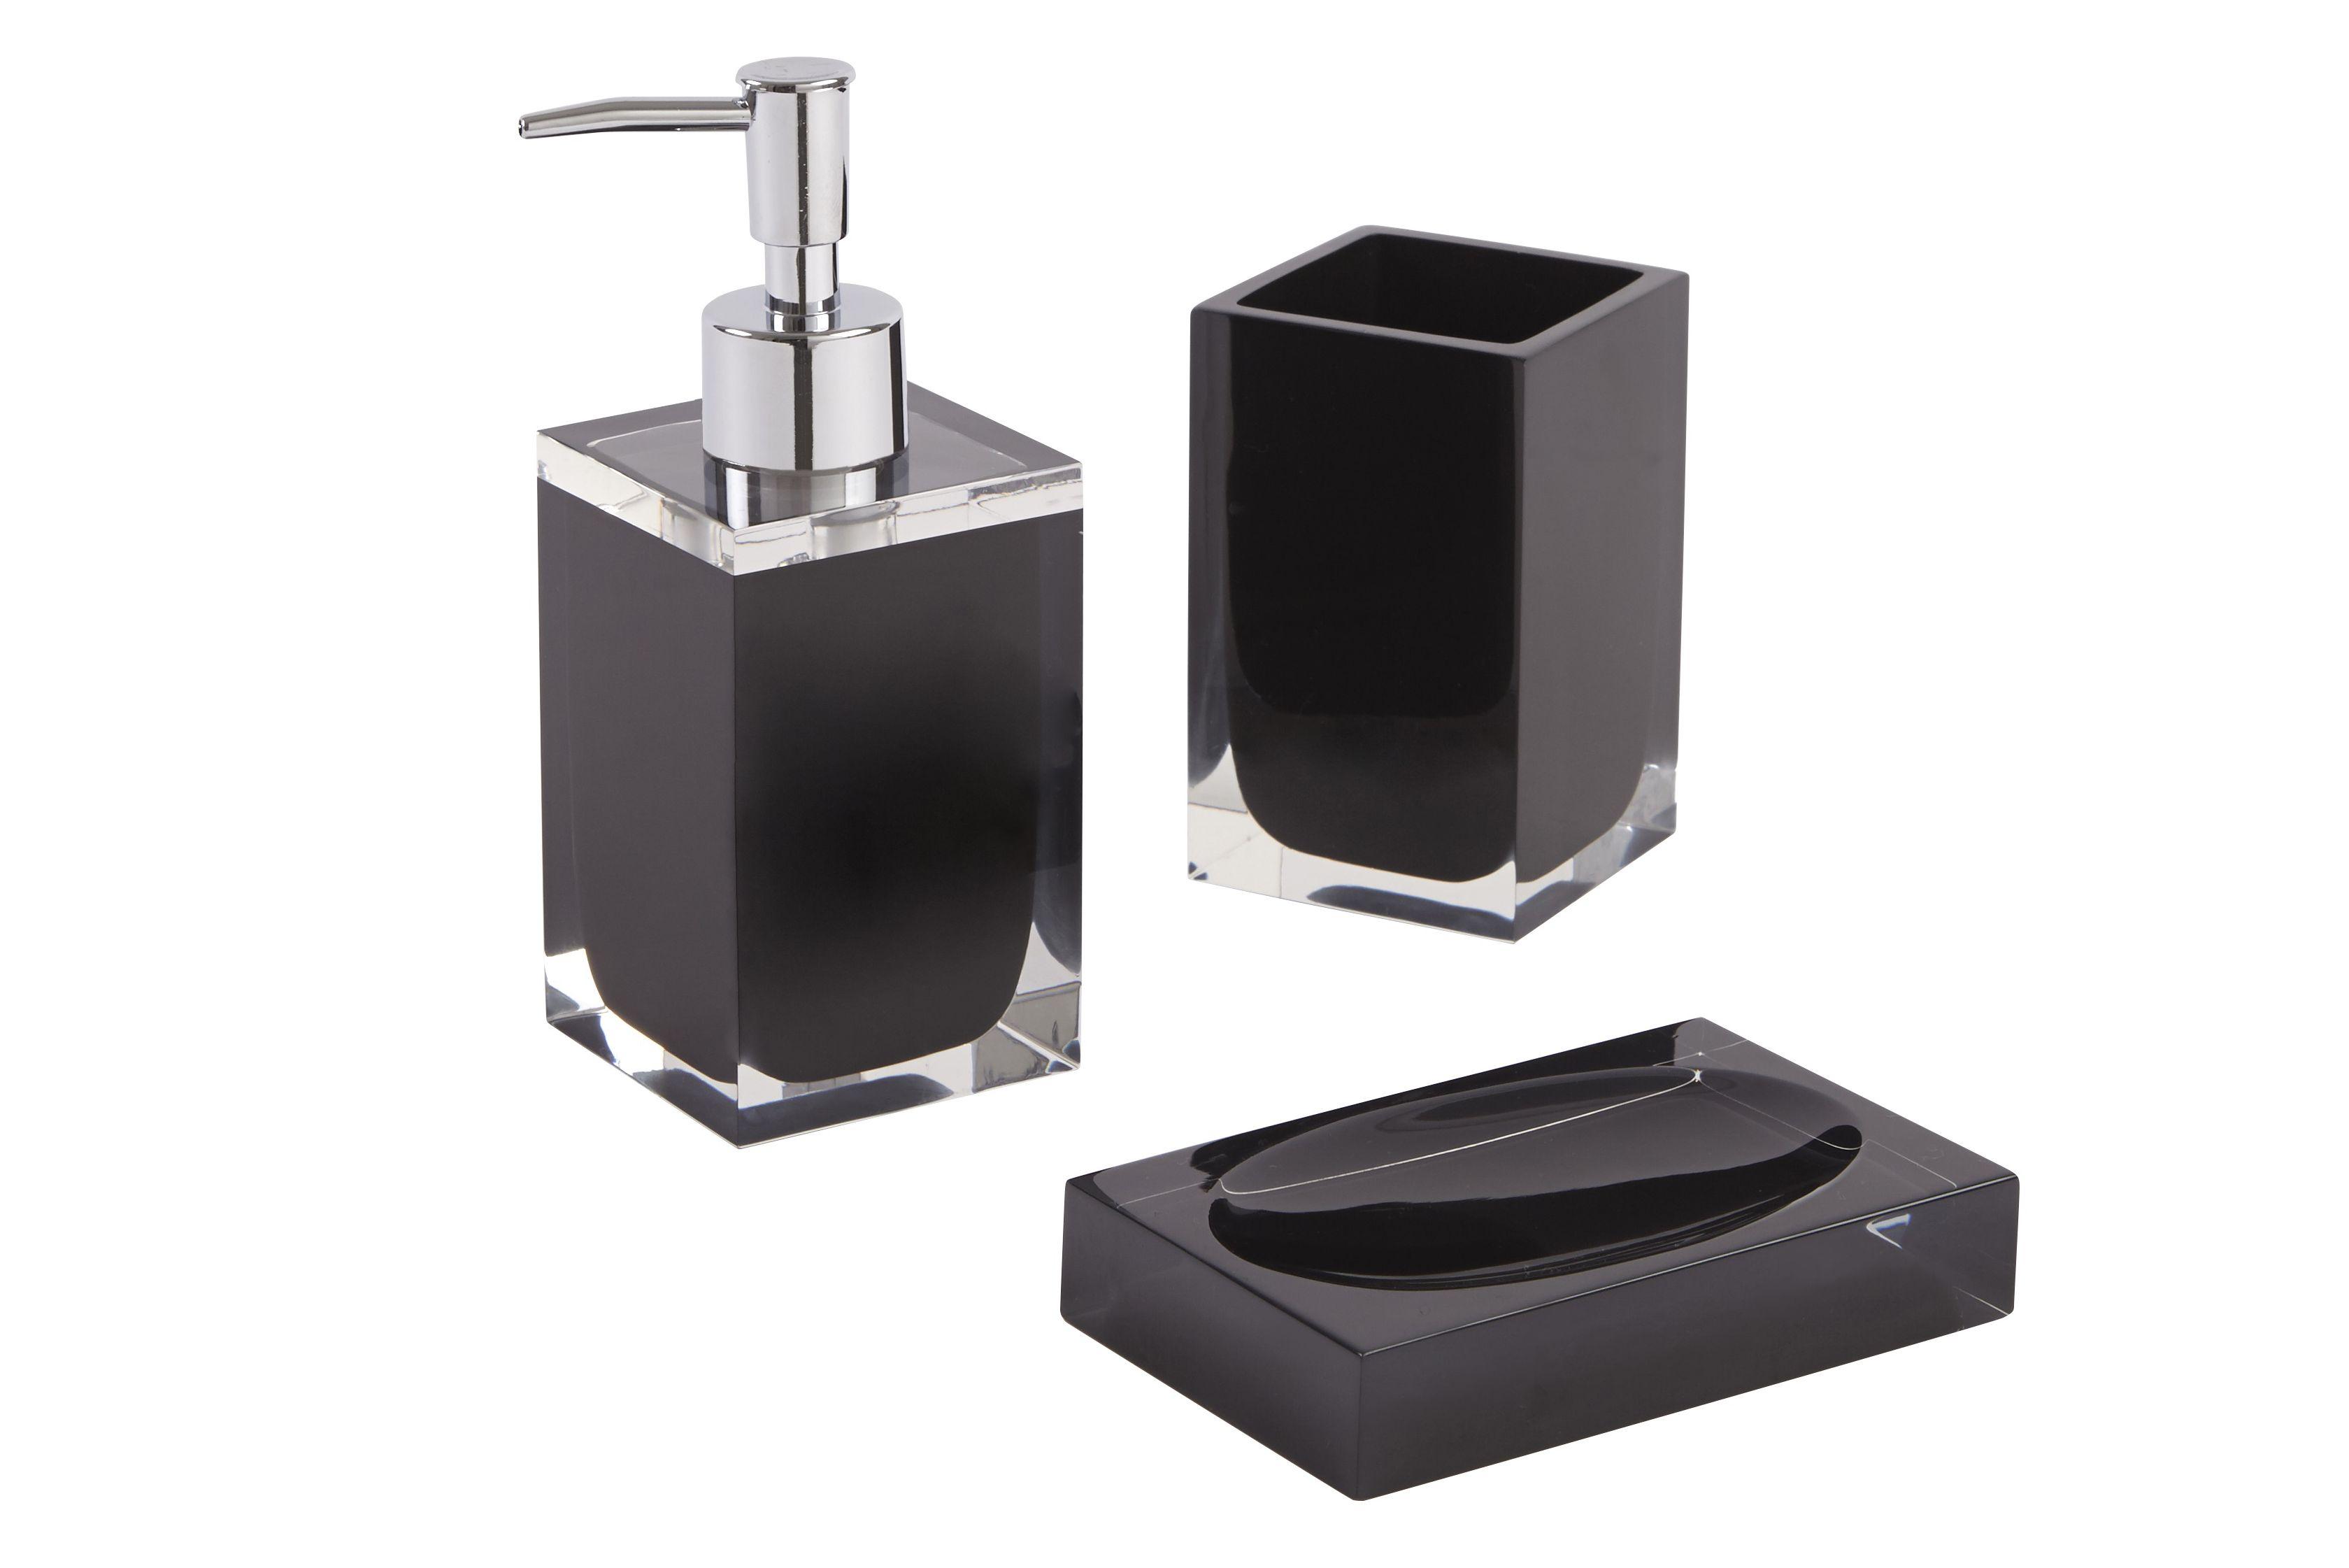 Black Bathroom Accessories Sets   Bathroom Accessory Sets Bathroom Accessories Bathroom